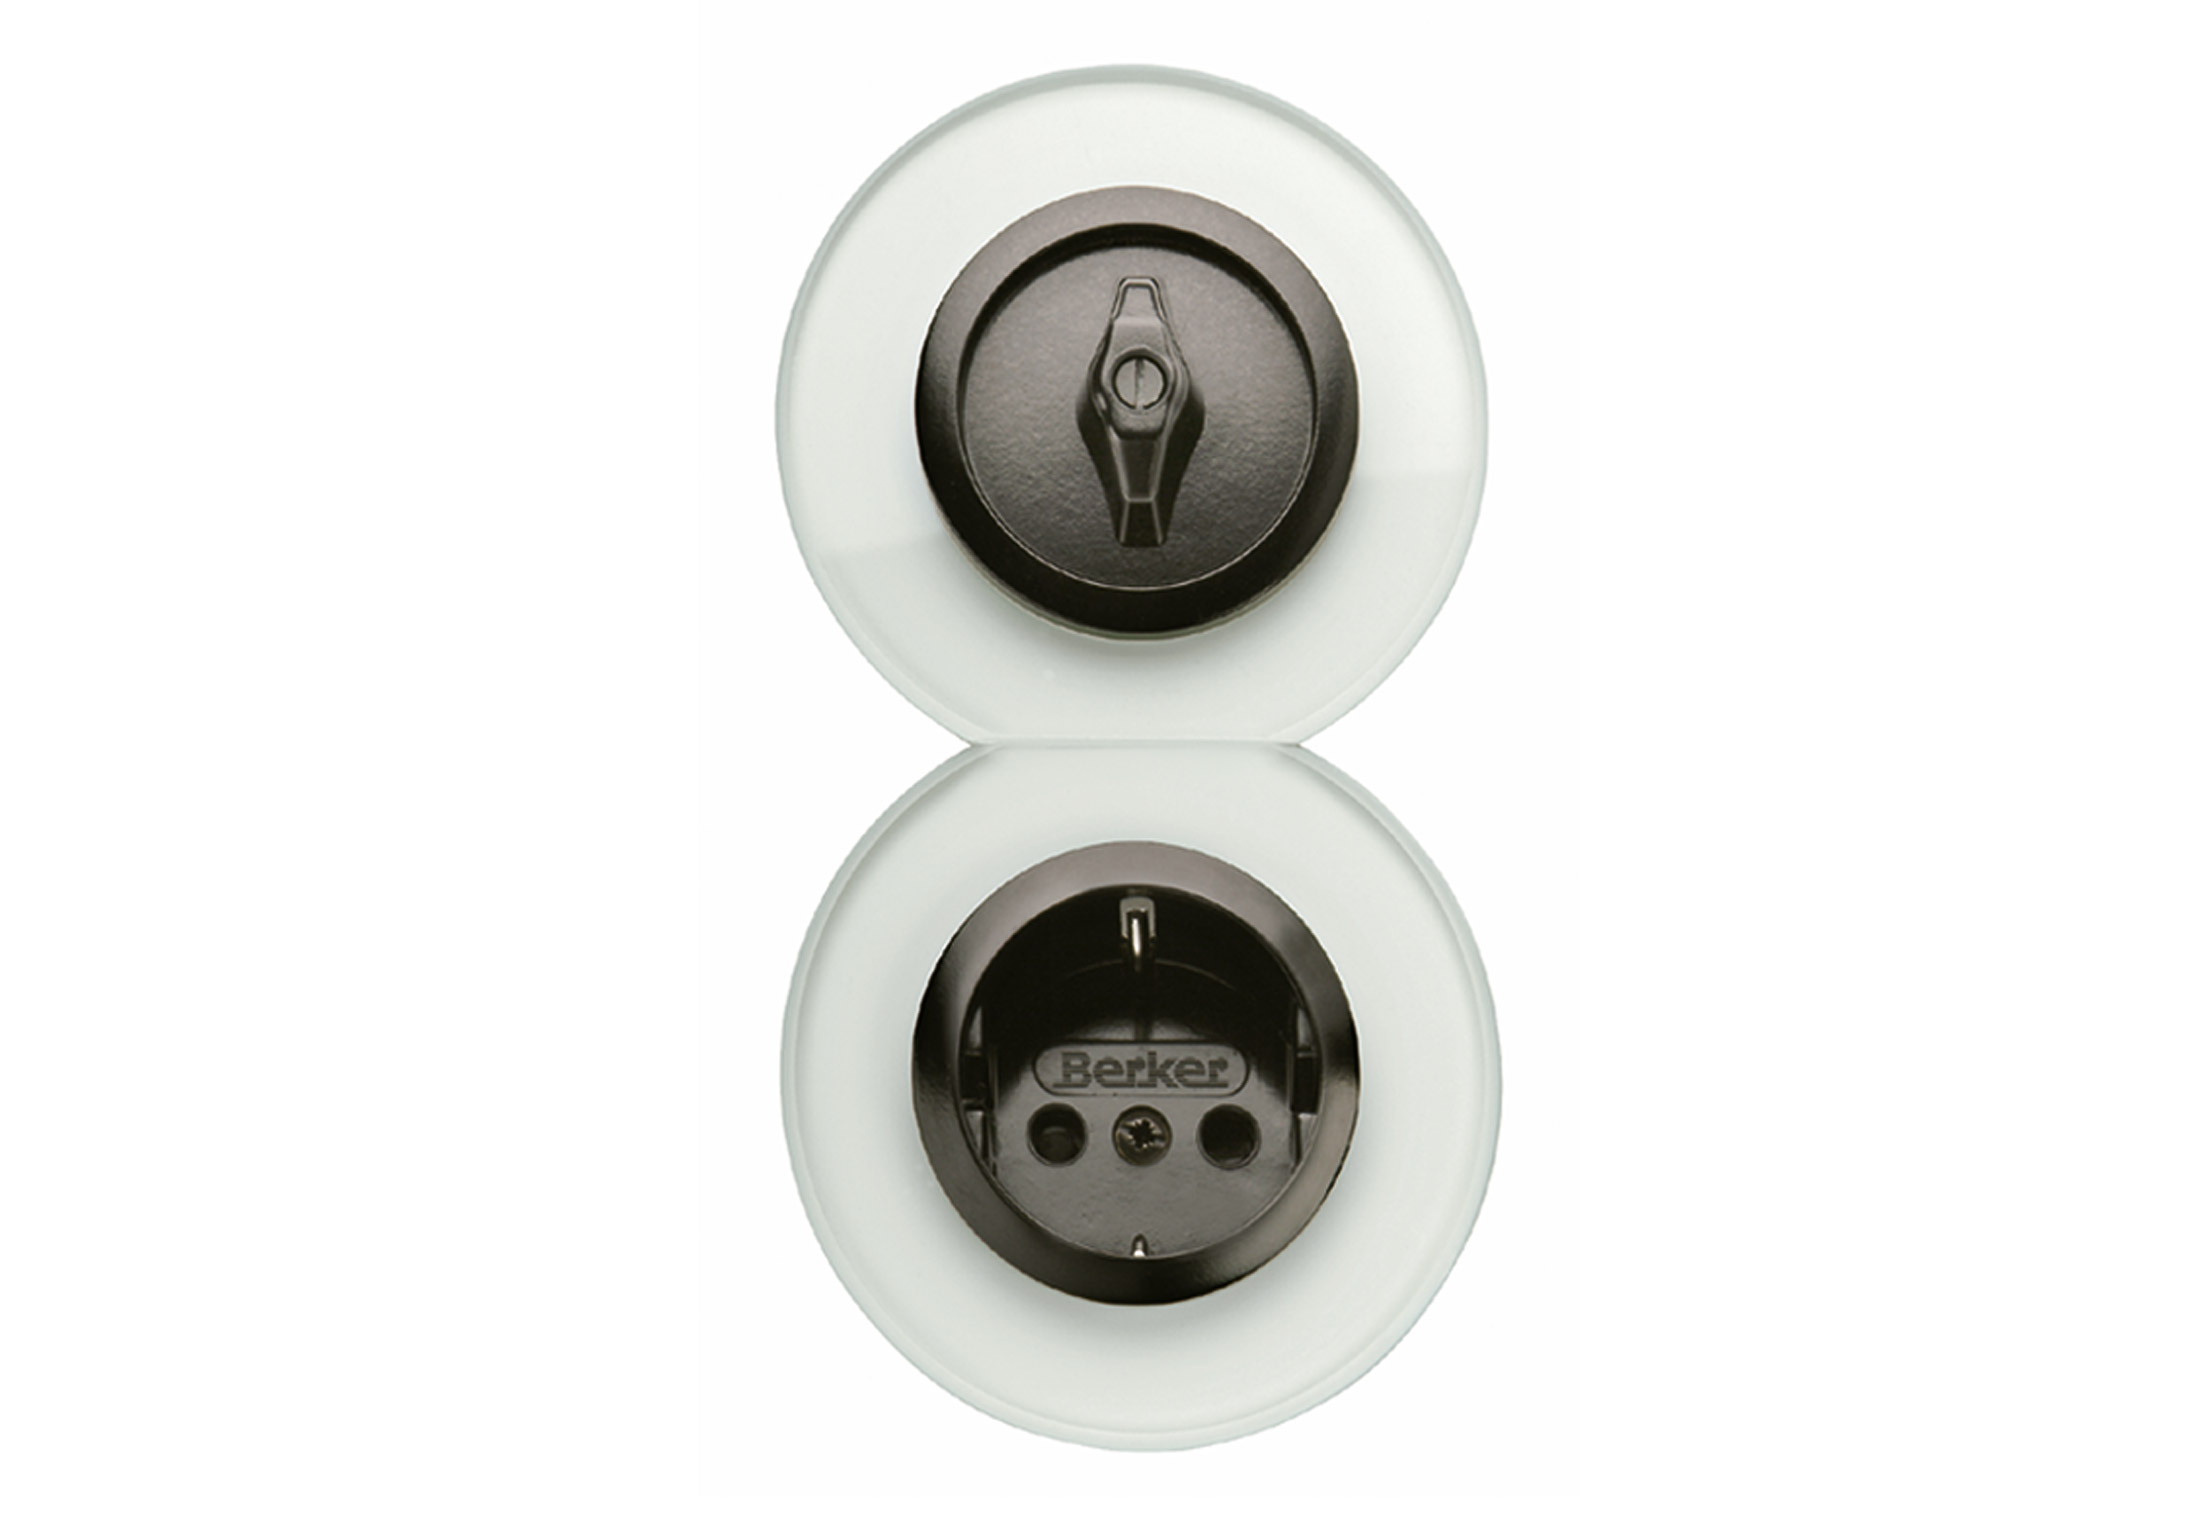 GLASSERIE Schalter-Steckdosen-Kombination von Berker | STYLEPARK